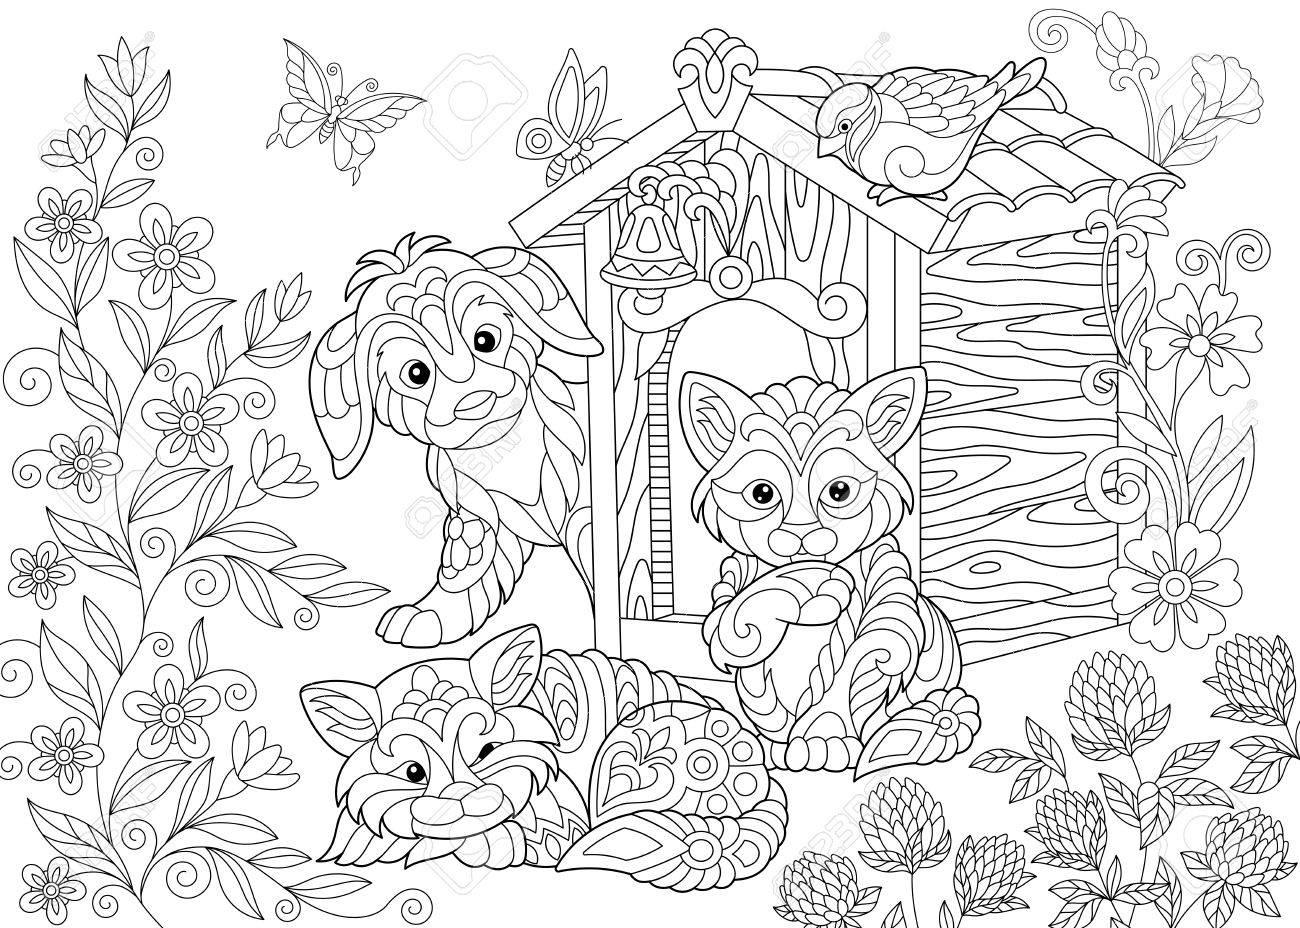 Malvorlage Von Hund, Zwei Katzen, Spatz Vogel Und Schmetterlinge